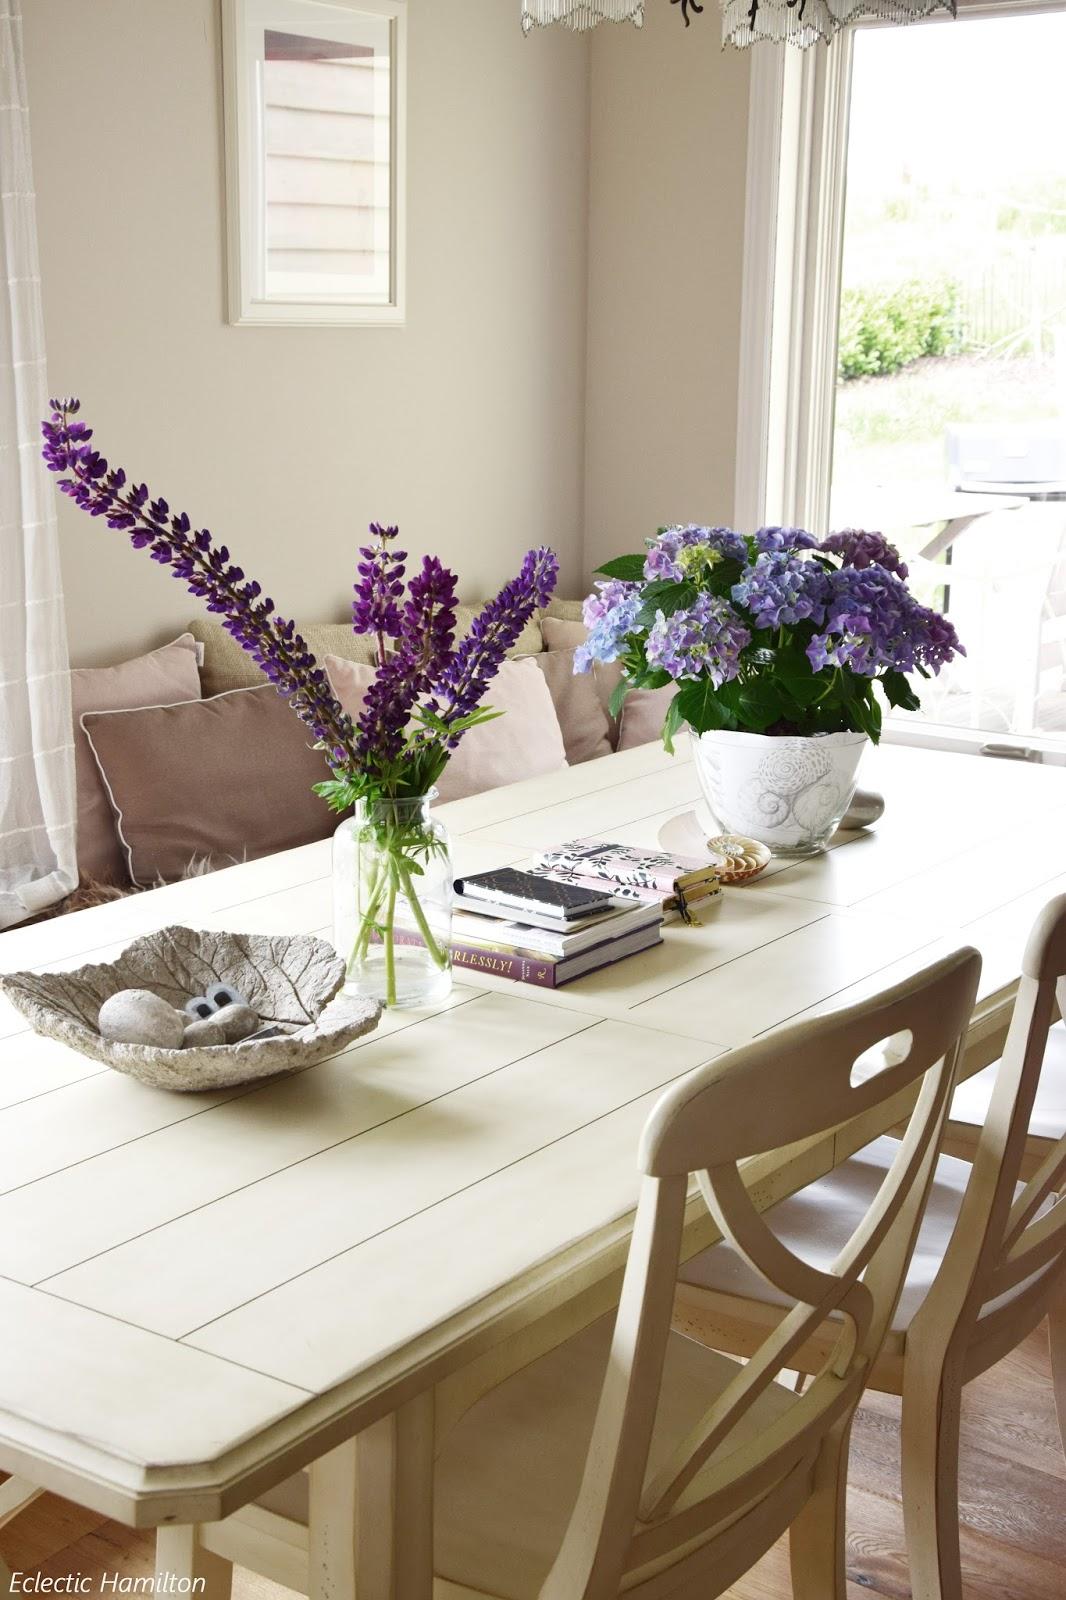 Tischdeko esszimmer  Mein Wochenende und Ideen zur Tischdeko mit Lupinen + Hortensien ...